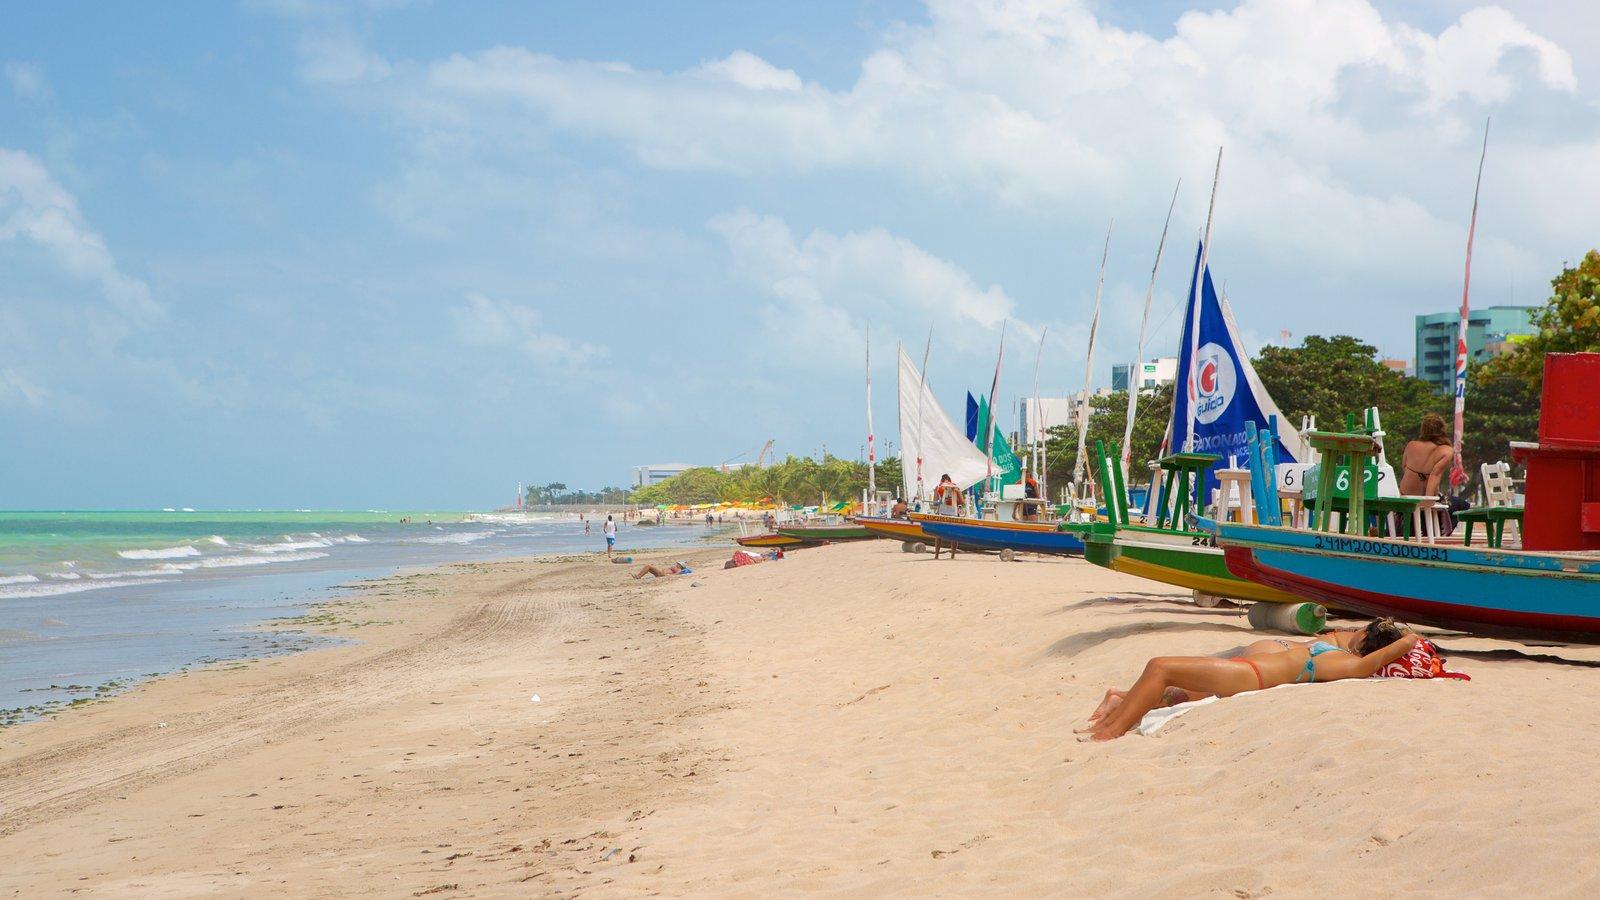 Praia de Pajuçara caracterizando paisagens litorâneas, uma praia de areia e vela